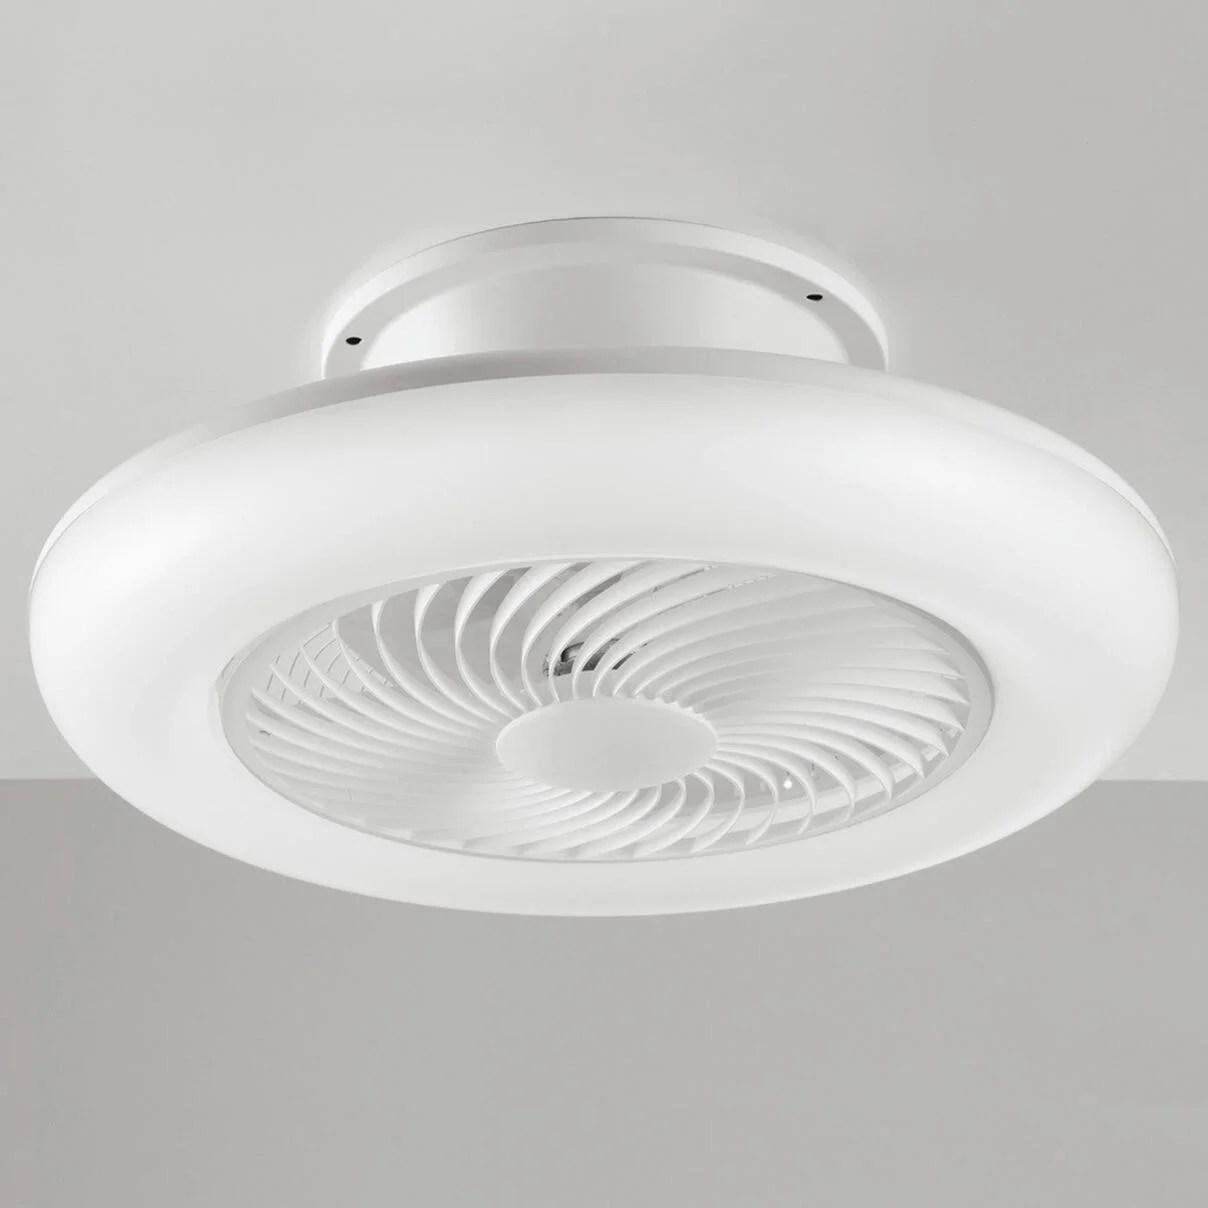 Ovlaim ventilatore da soffitto moderno da 122 cm con illuminazione a led (3 colori) e telecomando (6 velocità), motore dc a risparmio energetico,. Kit Luce Ventilatore Vortice Al Miglior Prezzo Leroy Merlin